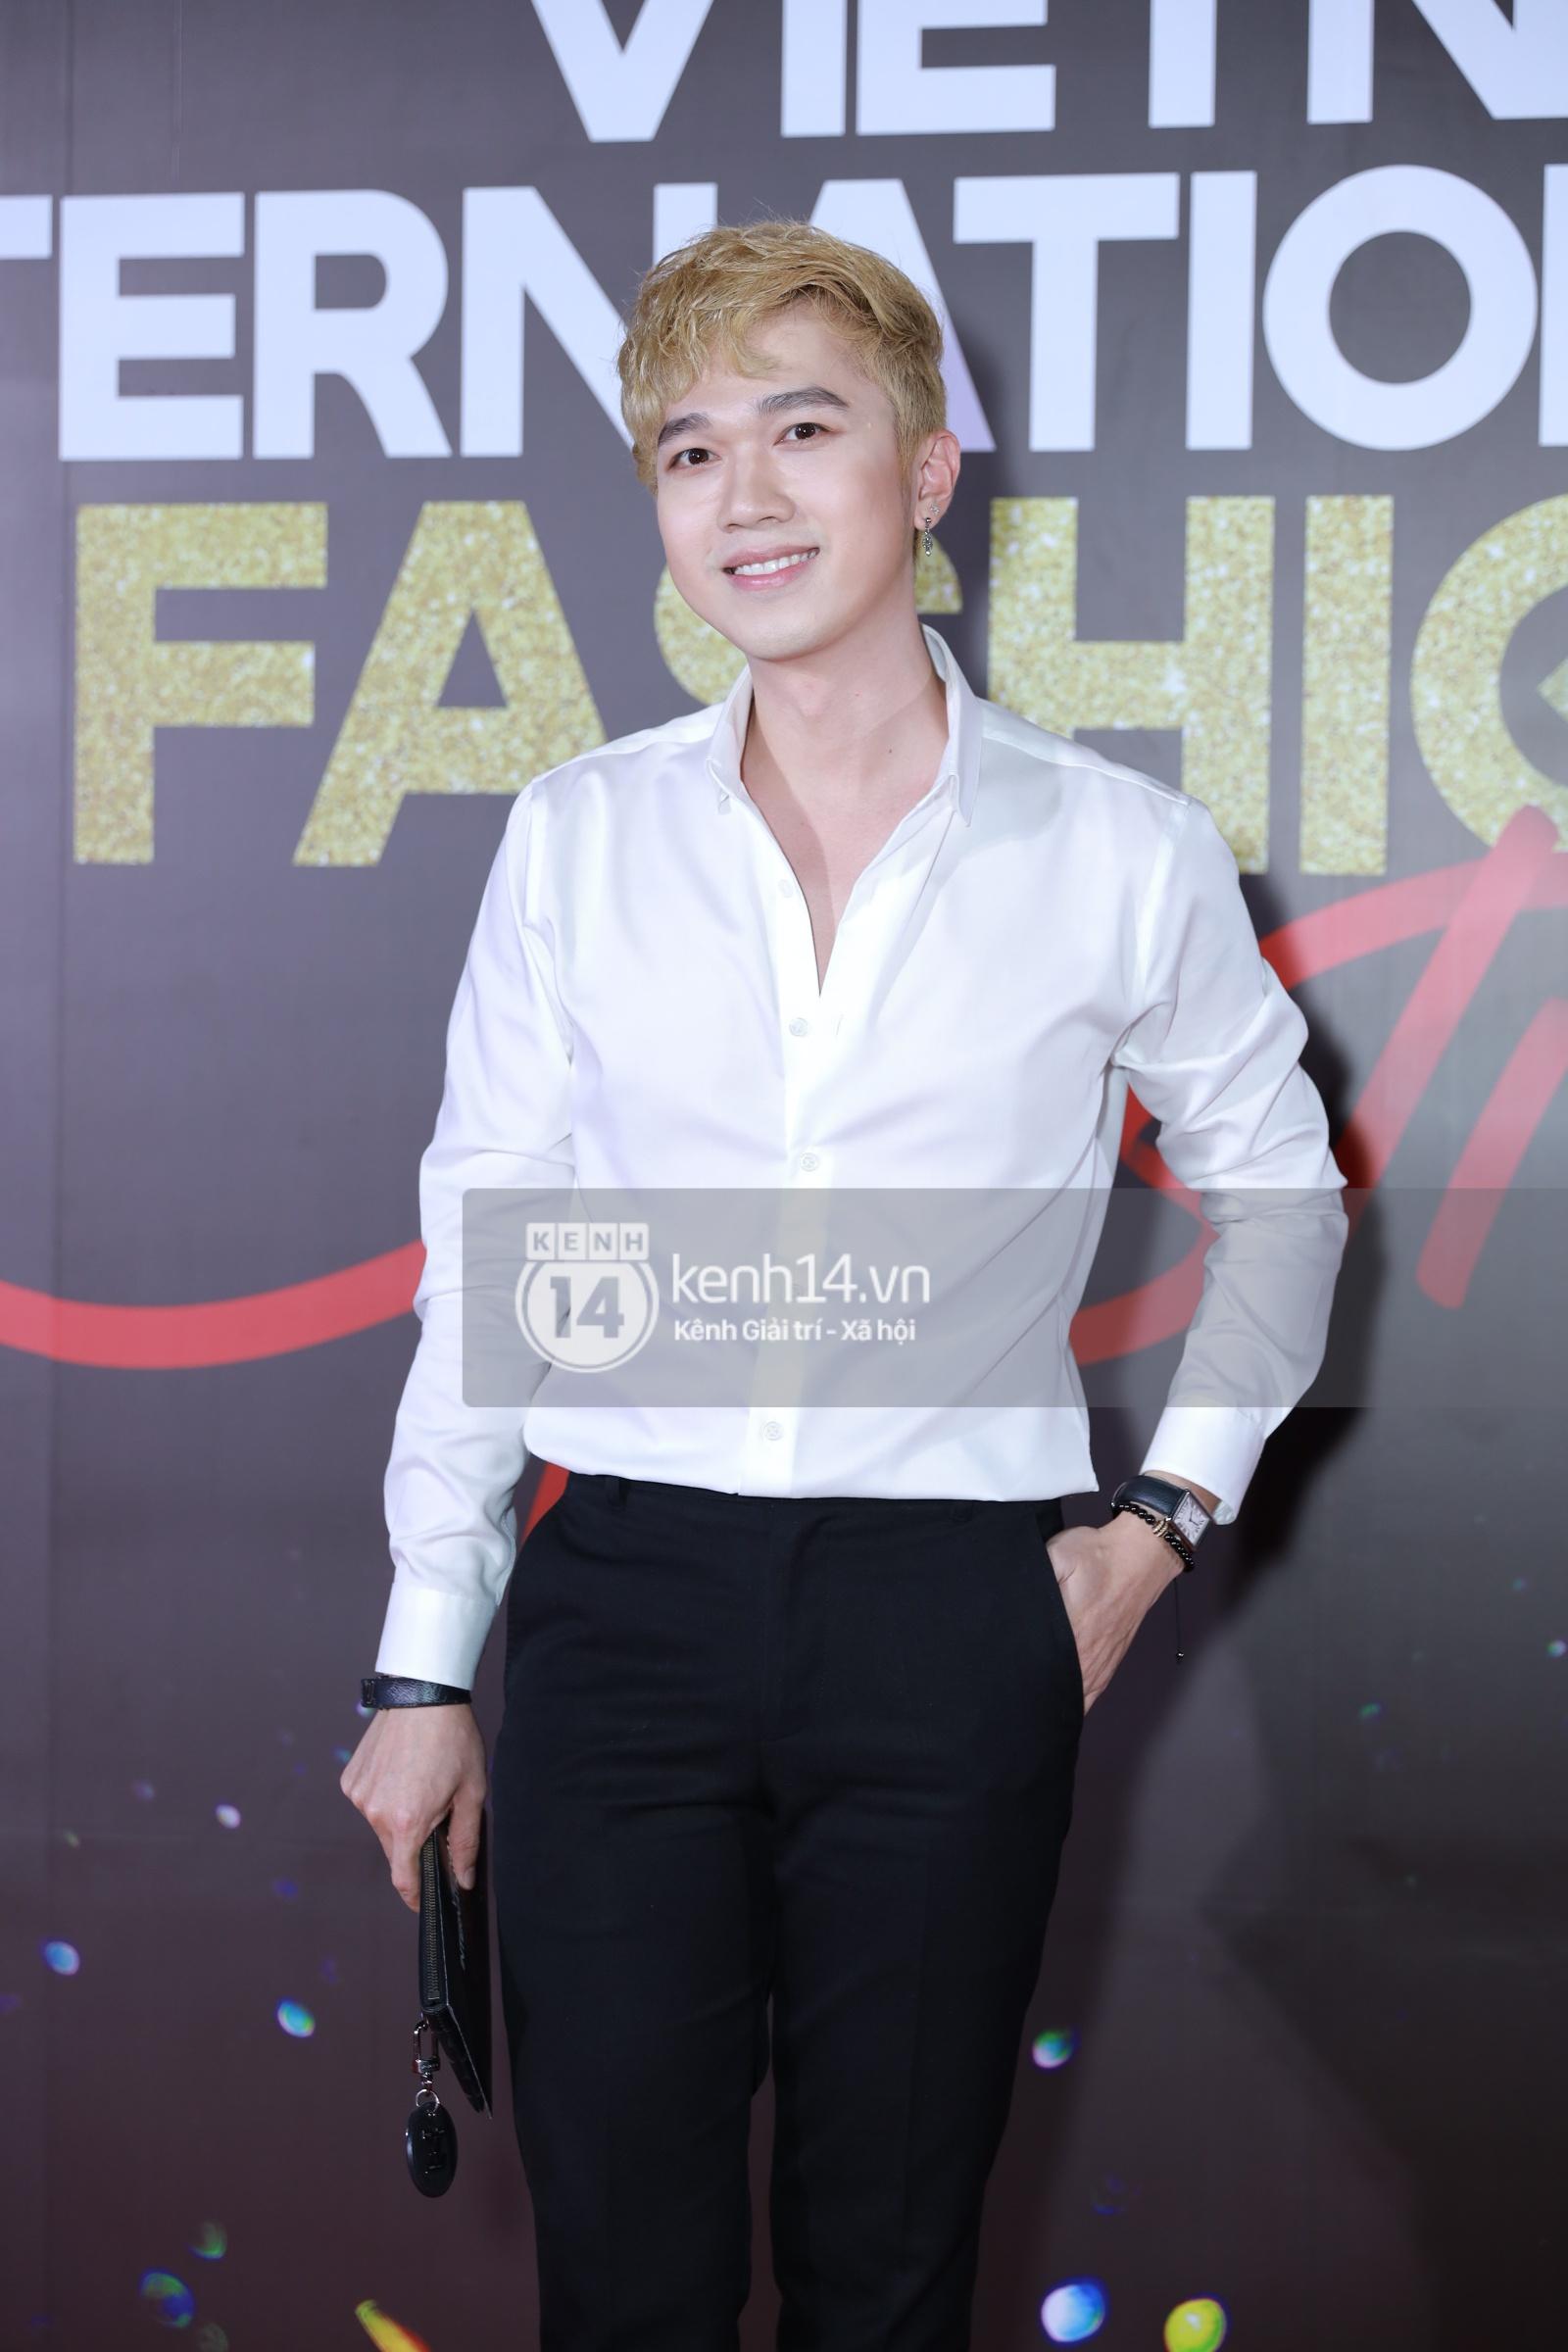 Thảm đỏ VIFF ngày 2: Lãnh Thanh - Trọng Hiếu Idol nổi bật, người mẫu Anh Thư gây thất vọng tràn trề vì set đồ sai sai - Ảnh 11.